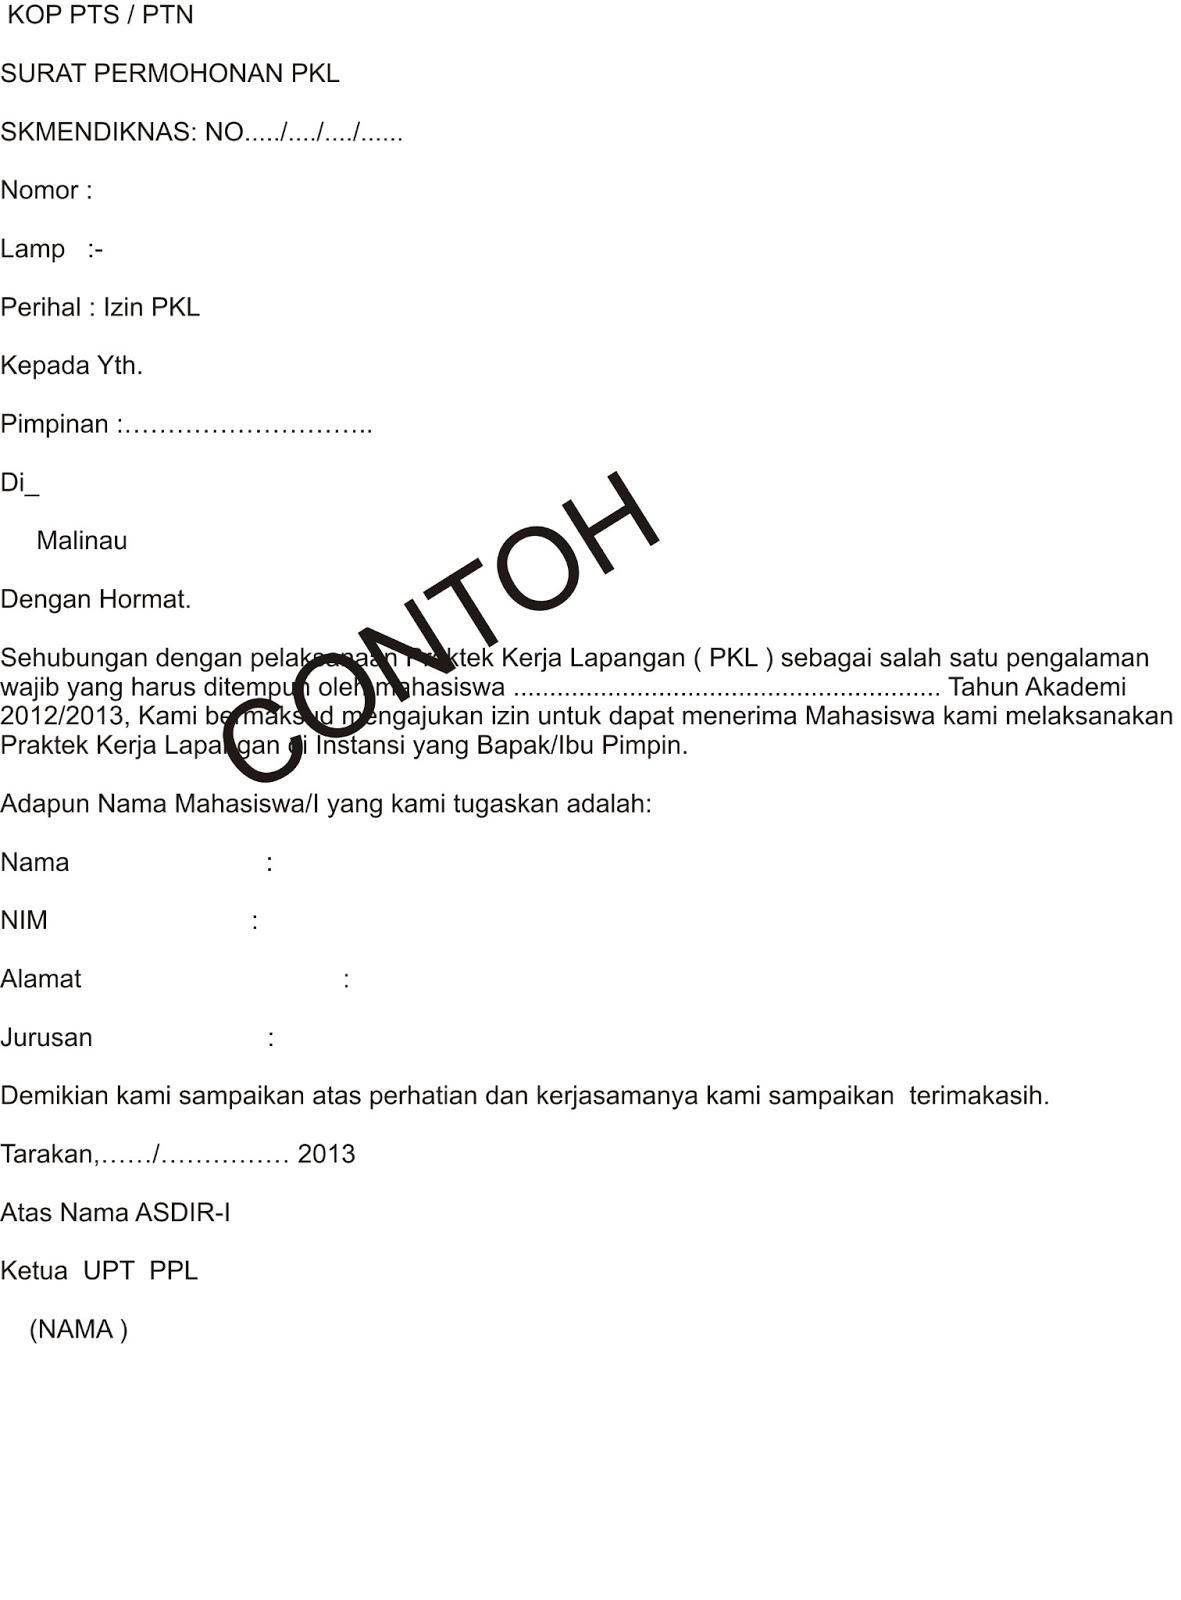 Contoh Surat Permohonan PKL  ABATA KALTARA